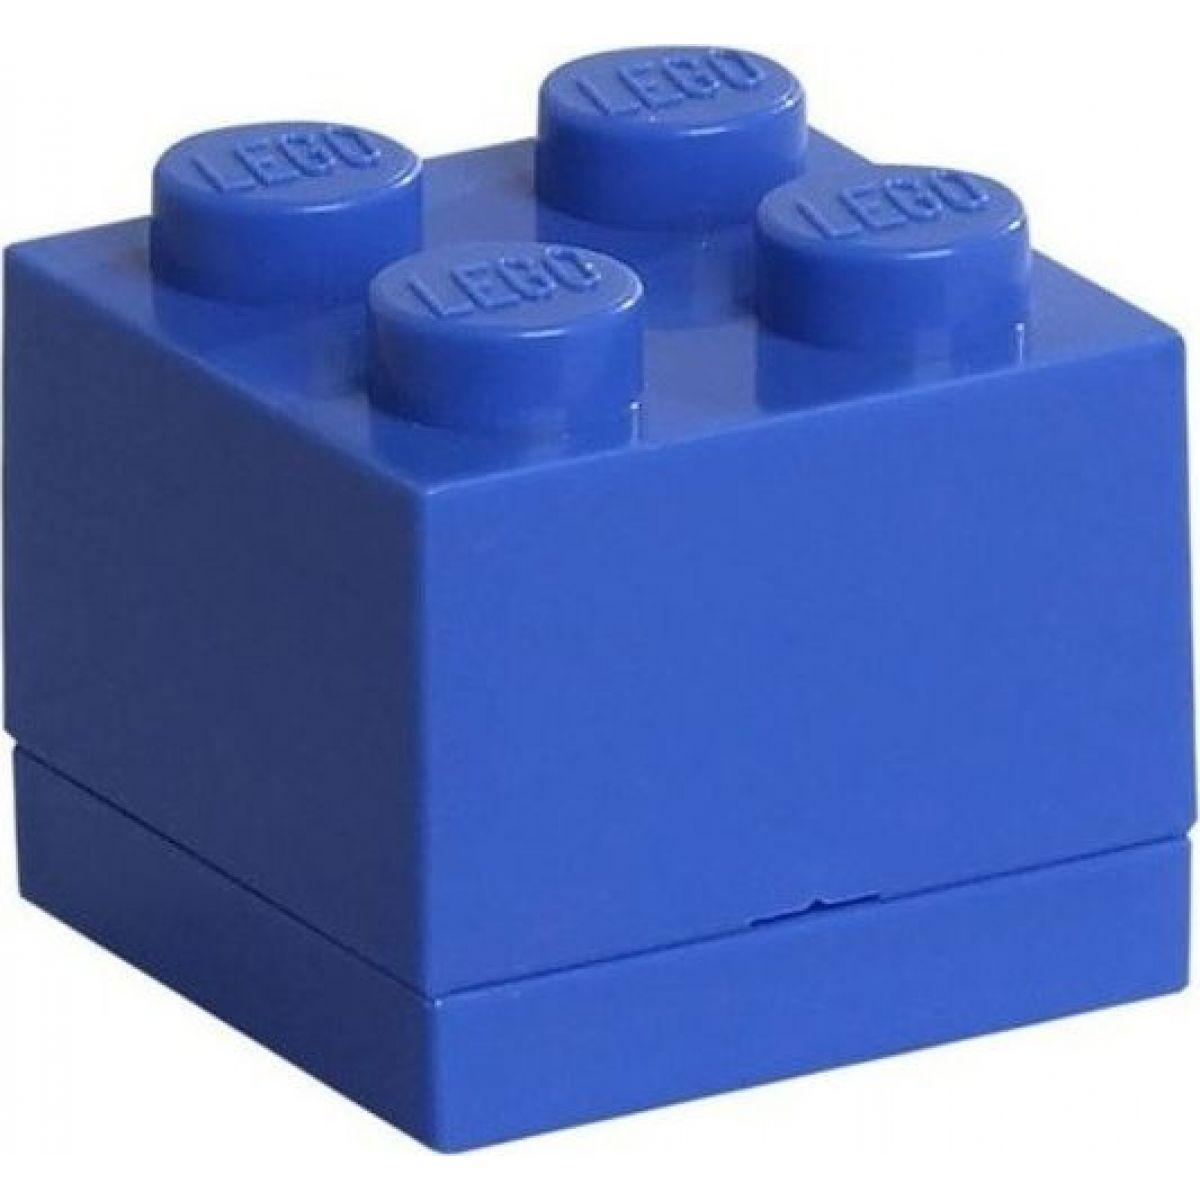 LEGO Mini Box 4,6x4,6x4,3cm Modrá